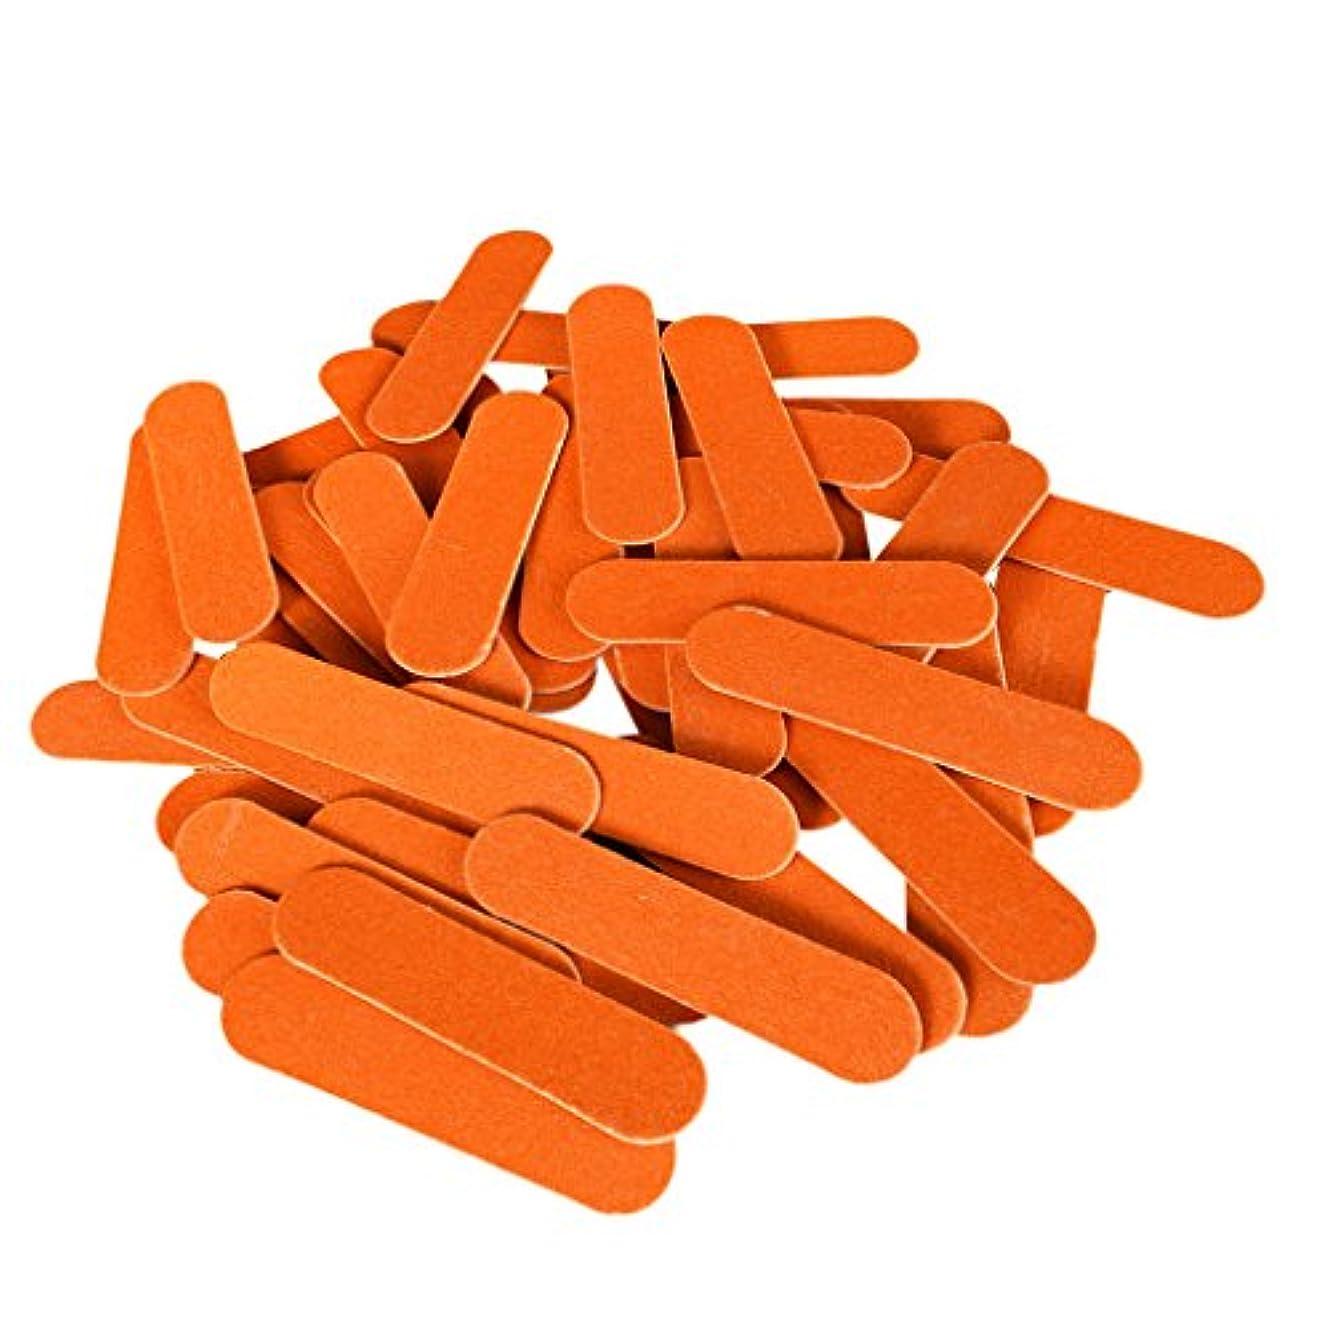 軽食拡散する関連する磨かれた釘の心配のマニキュア用具をトリミングするための50の釘ファイルそして緩衝ブロック